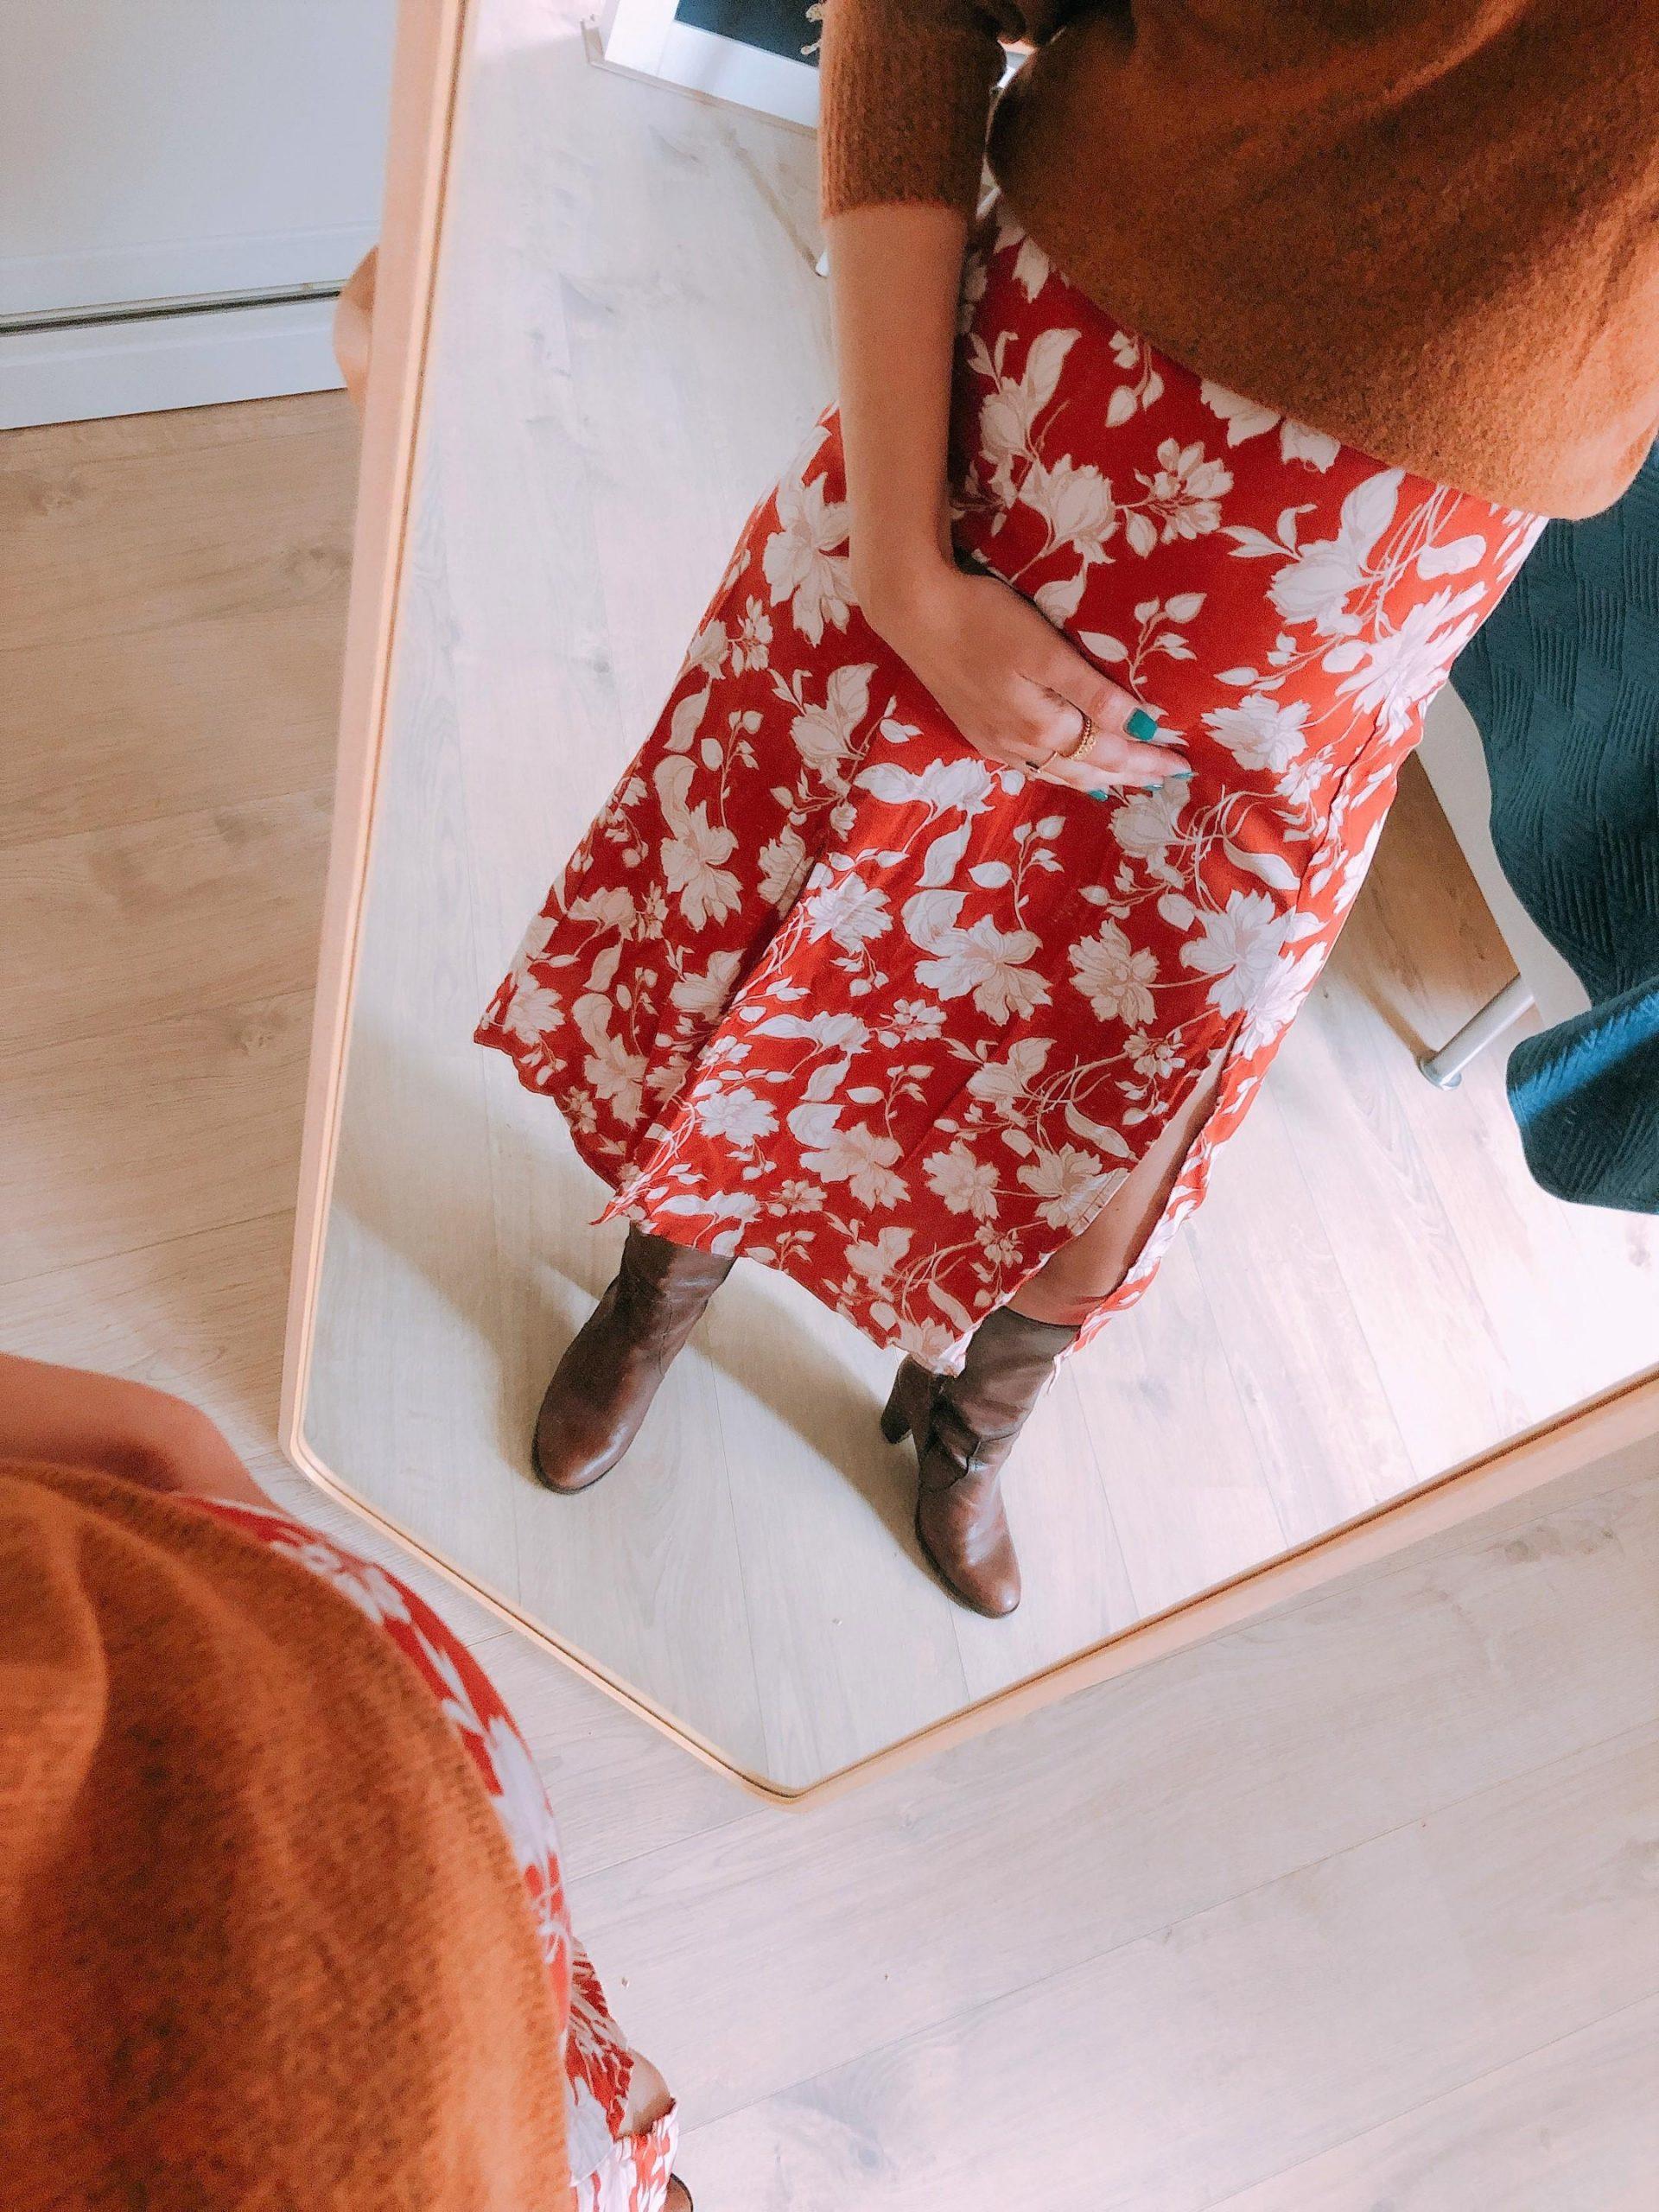 IMG 3031 2160x2880 1 scaled - Kledingshoplog - outfits updaten van zomer naar herfst & winter!